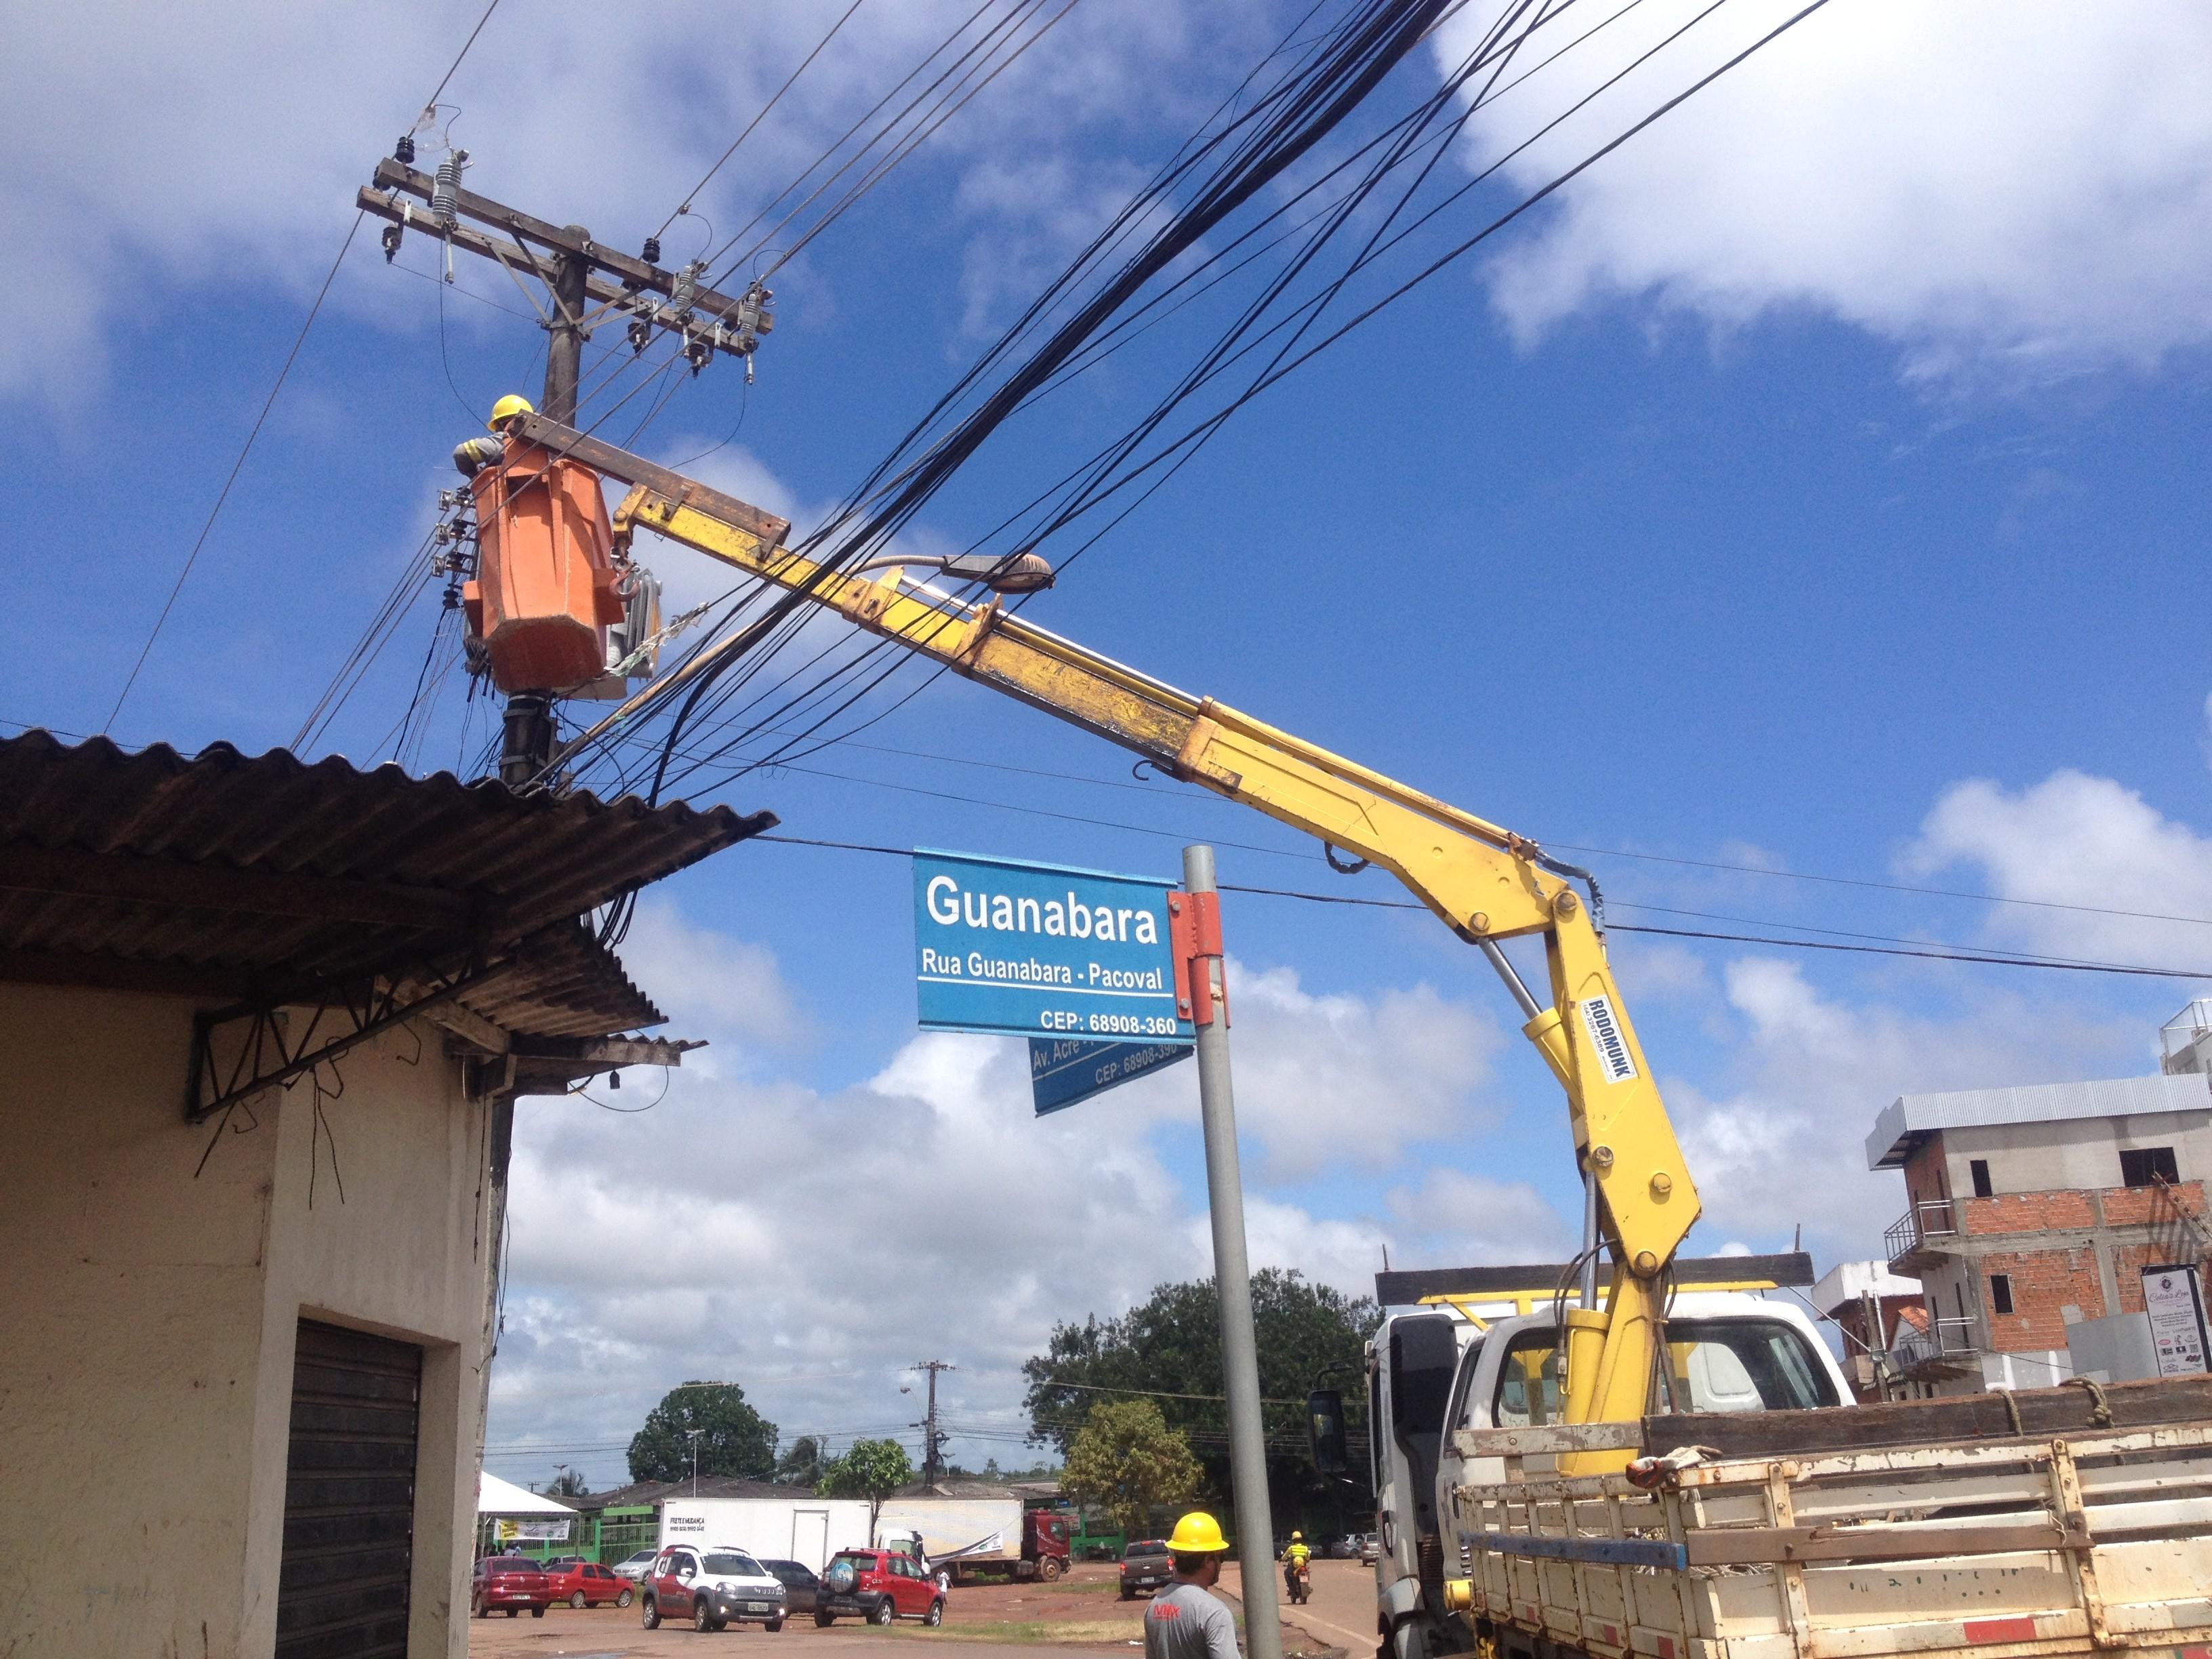 Bairros das zonas Norte e Leste de Macapá vão amanhecer sem energia no domingo, 22  - Notícias - Plantão Diário